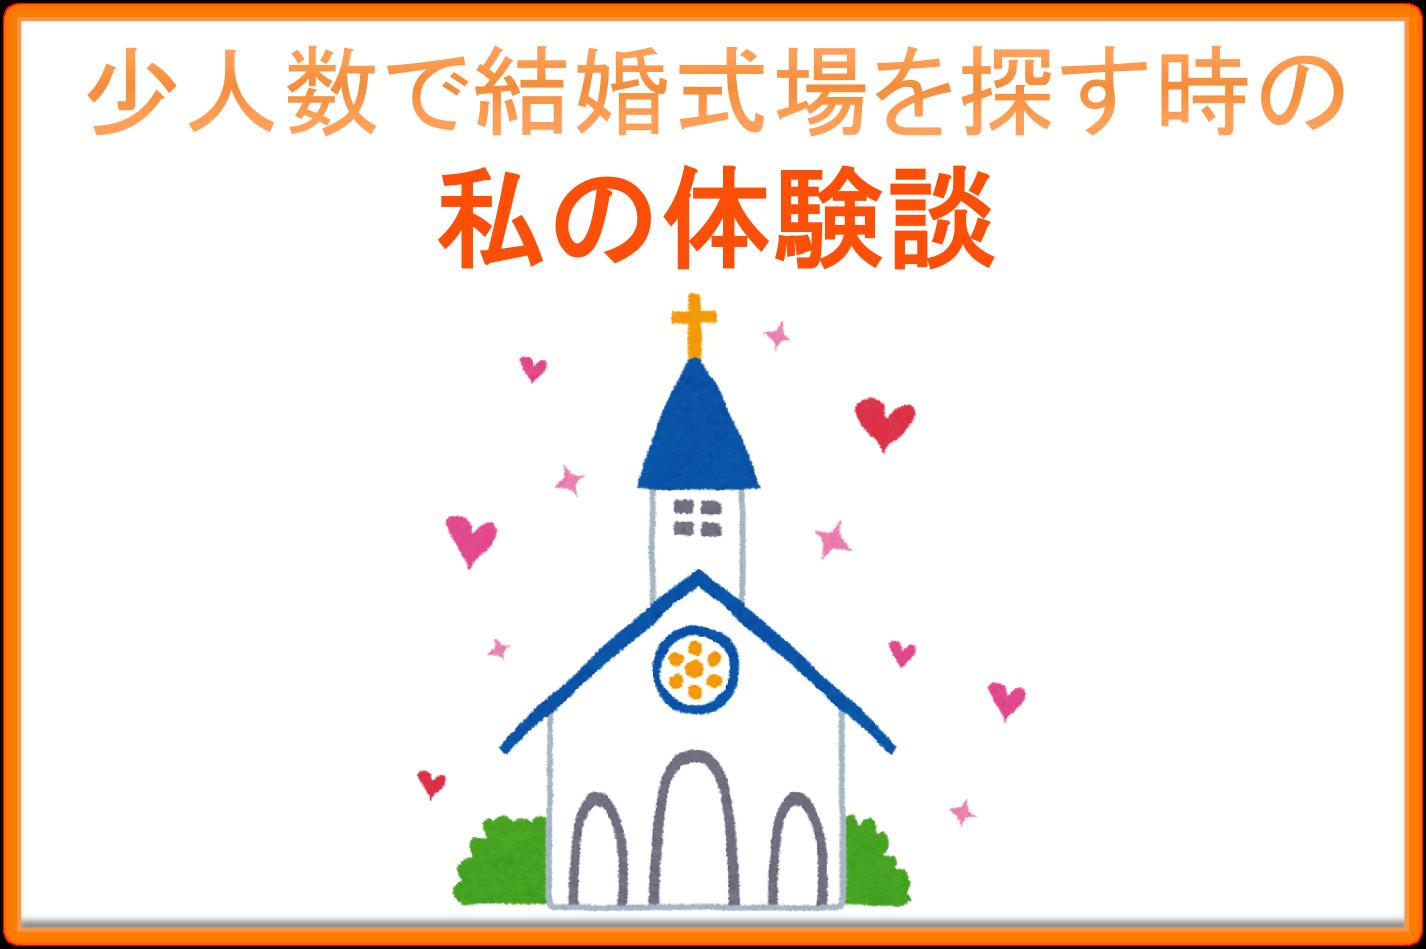 30人以下の少人数で結婚式場を申し込むと3ヶ月前からしか申し込みできない式場があるので要注意!